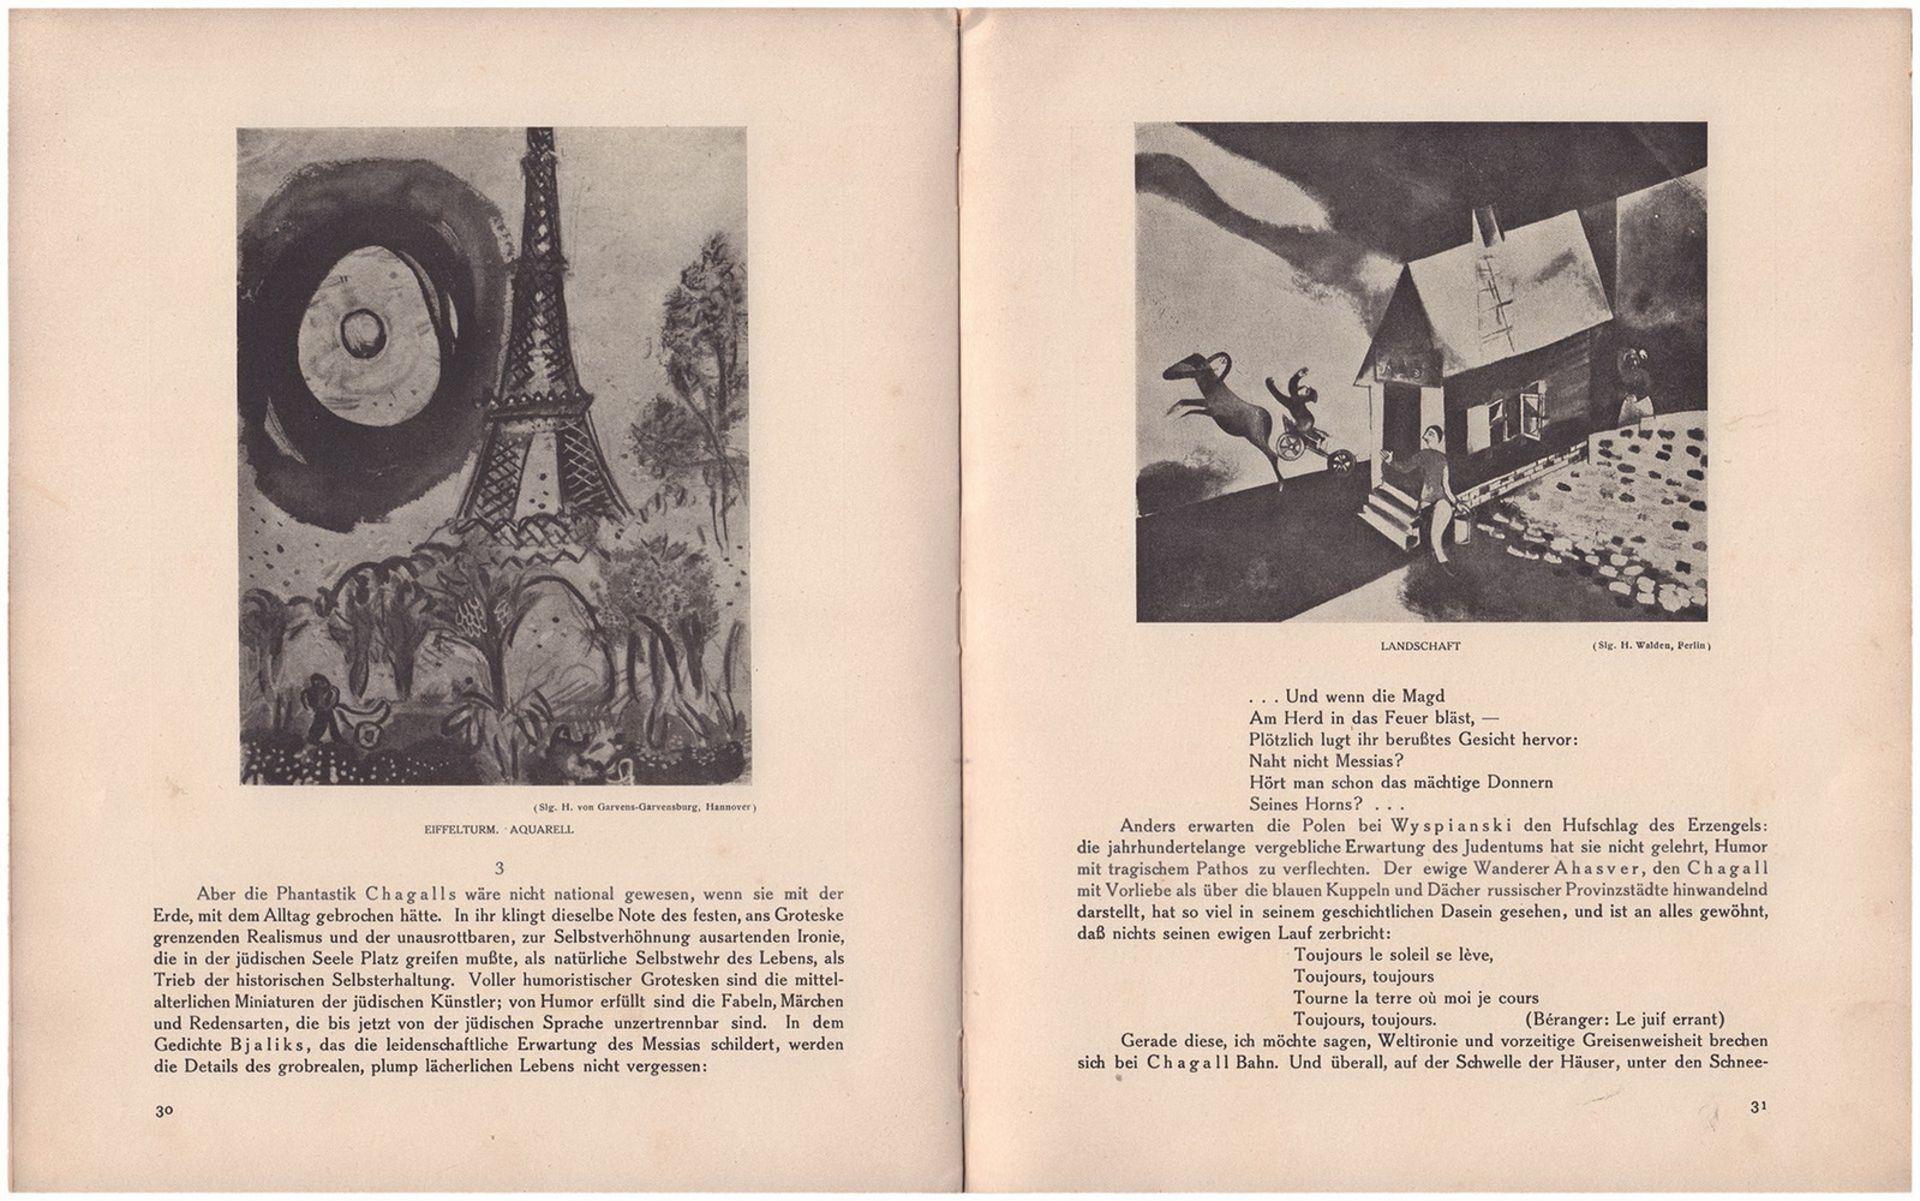 Efross, A., Tugendhold. J. Die Kunst Marc Chagalls, von A. Efross und J. Tugendhold / Autorisierte U - Bild 3 aus 4